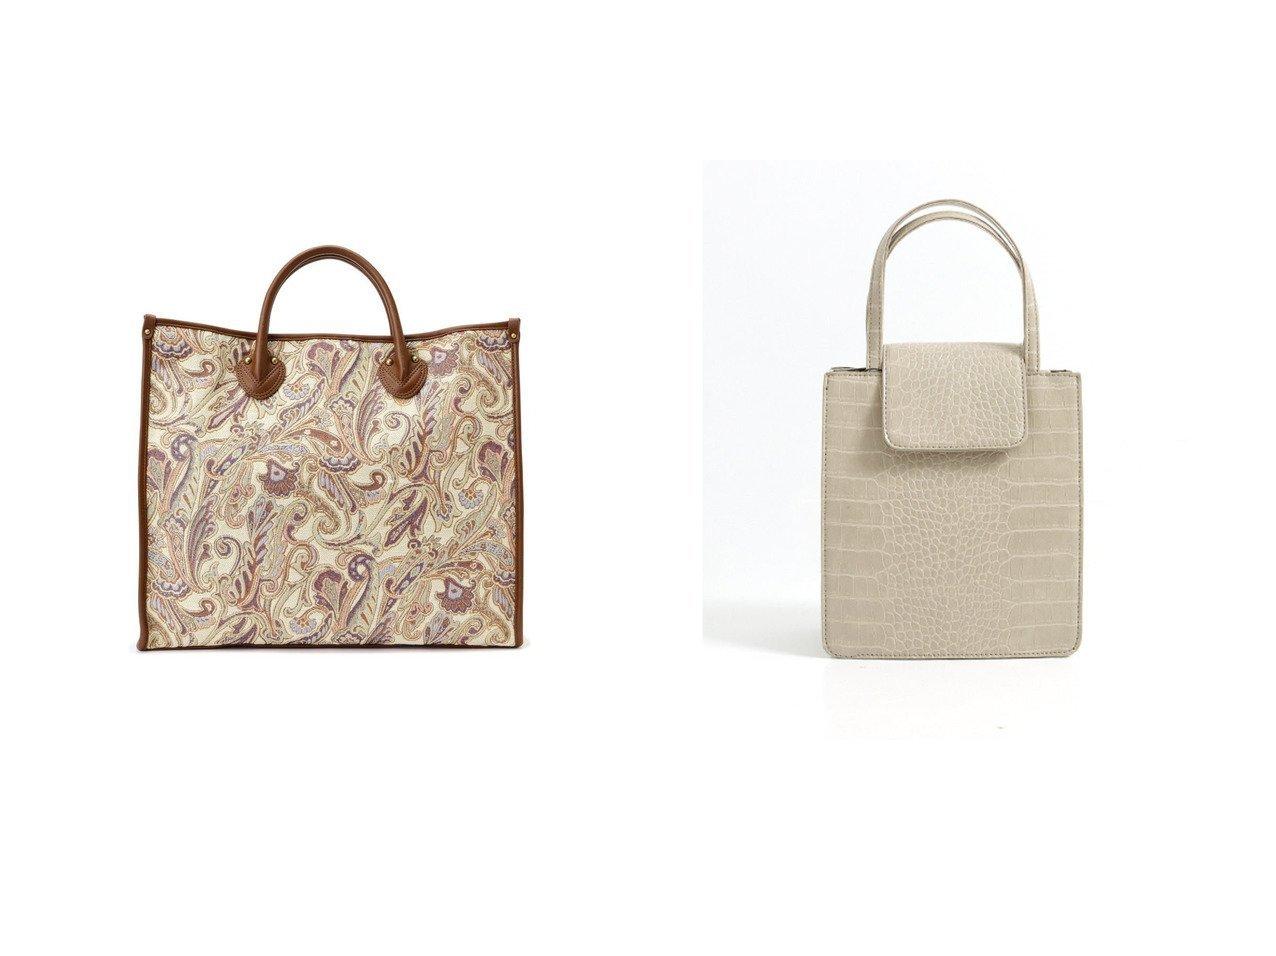 【FREE'S MART/フリーズマート】のマルチワイドトート21ss ペイズリー柄1&【Factor=/ファクターイコール】のFactor= スクエアフラップ2WAY型押しミニトートバッグ バッグ・鞄のおすすめ!人気、トレンド・レディースファッションの通販  おすすめで人気の流行・トレンド、ファッションの通販商品 メンズファッション・キッズファッション・インテリア・家具・レディースファッション・服の通販 founy(ファニー) https://founy.com/ ファッション Fashion レディースファッション WOMEN バッグ Bag 2021年 2021 2021 春夏 S/S SS Spring/Summer 2021 S/S 春夏 SS Spring/Summer ショルダー ペイズリー ポケット 春 Spring ヴィンテージ クロコ シンプル ジャケット スクエア スニーカー デニム フラップ ブルゾン |ID:crp329100000015644